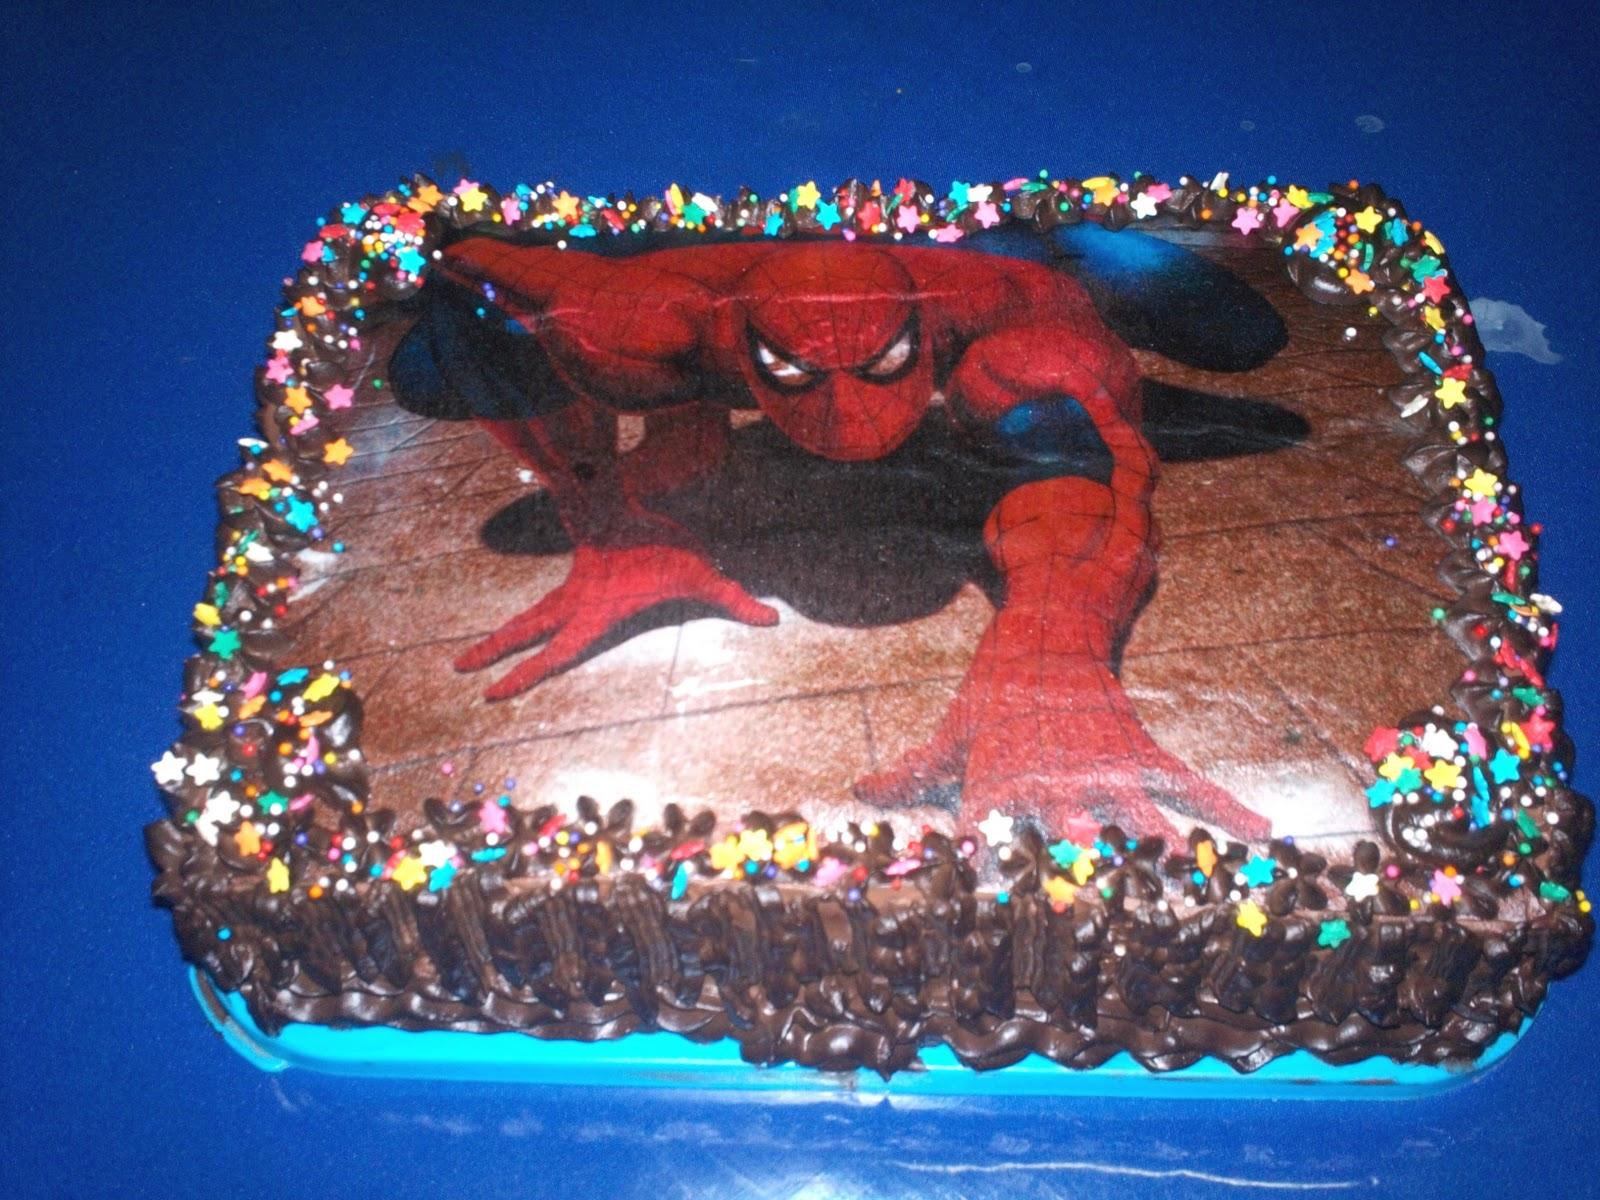 Lidy lapa bolos e decoraes bolo homem aranha bolo homem aranha altavistaventures Image collections